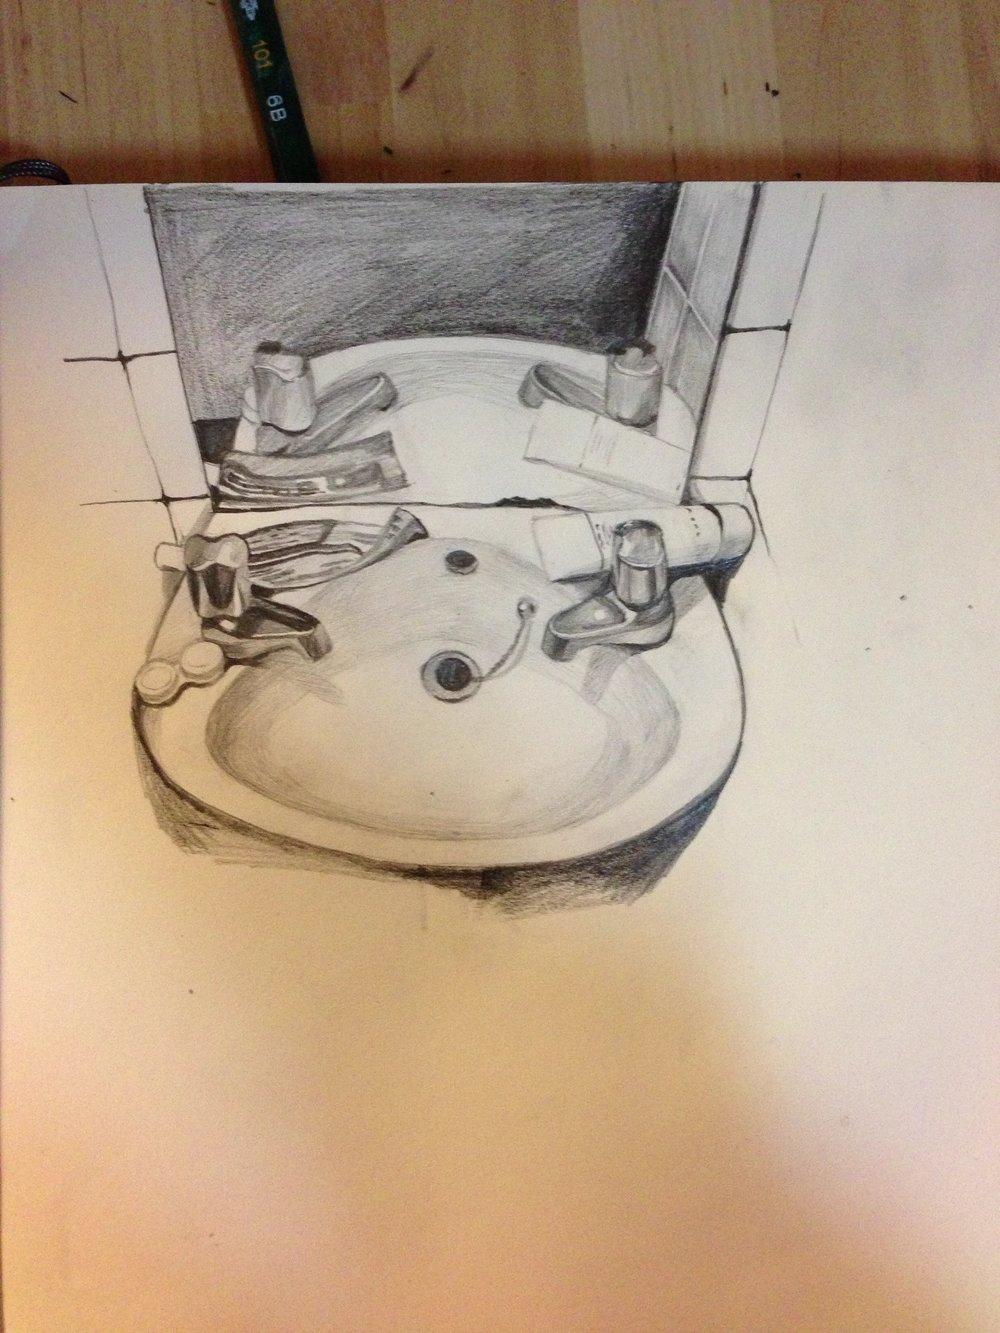 Drawing by ZHOU JIANING